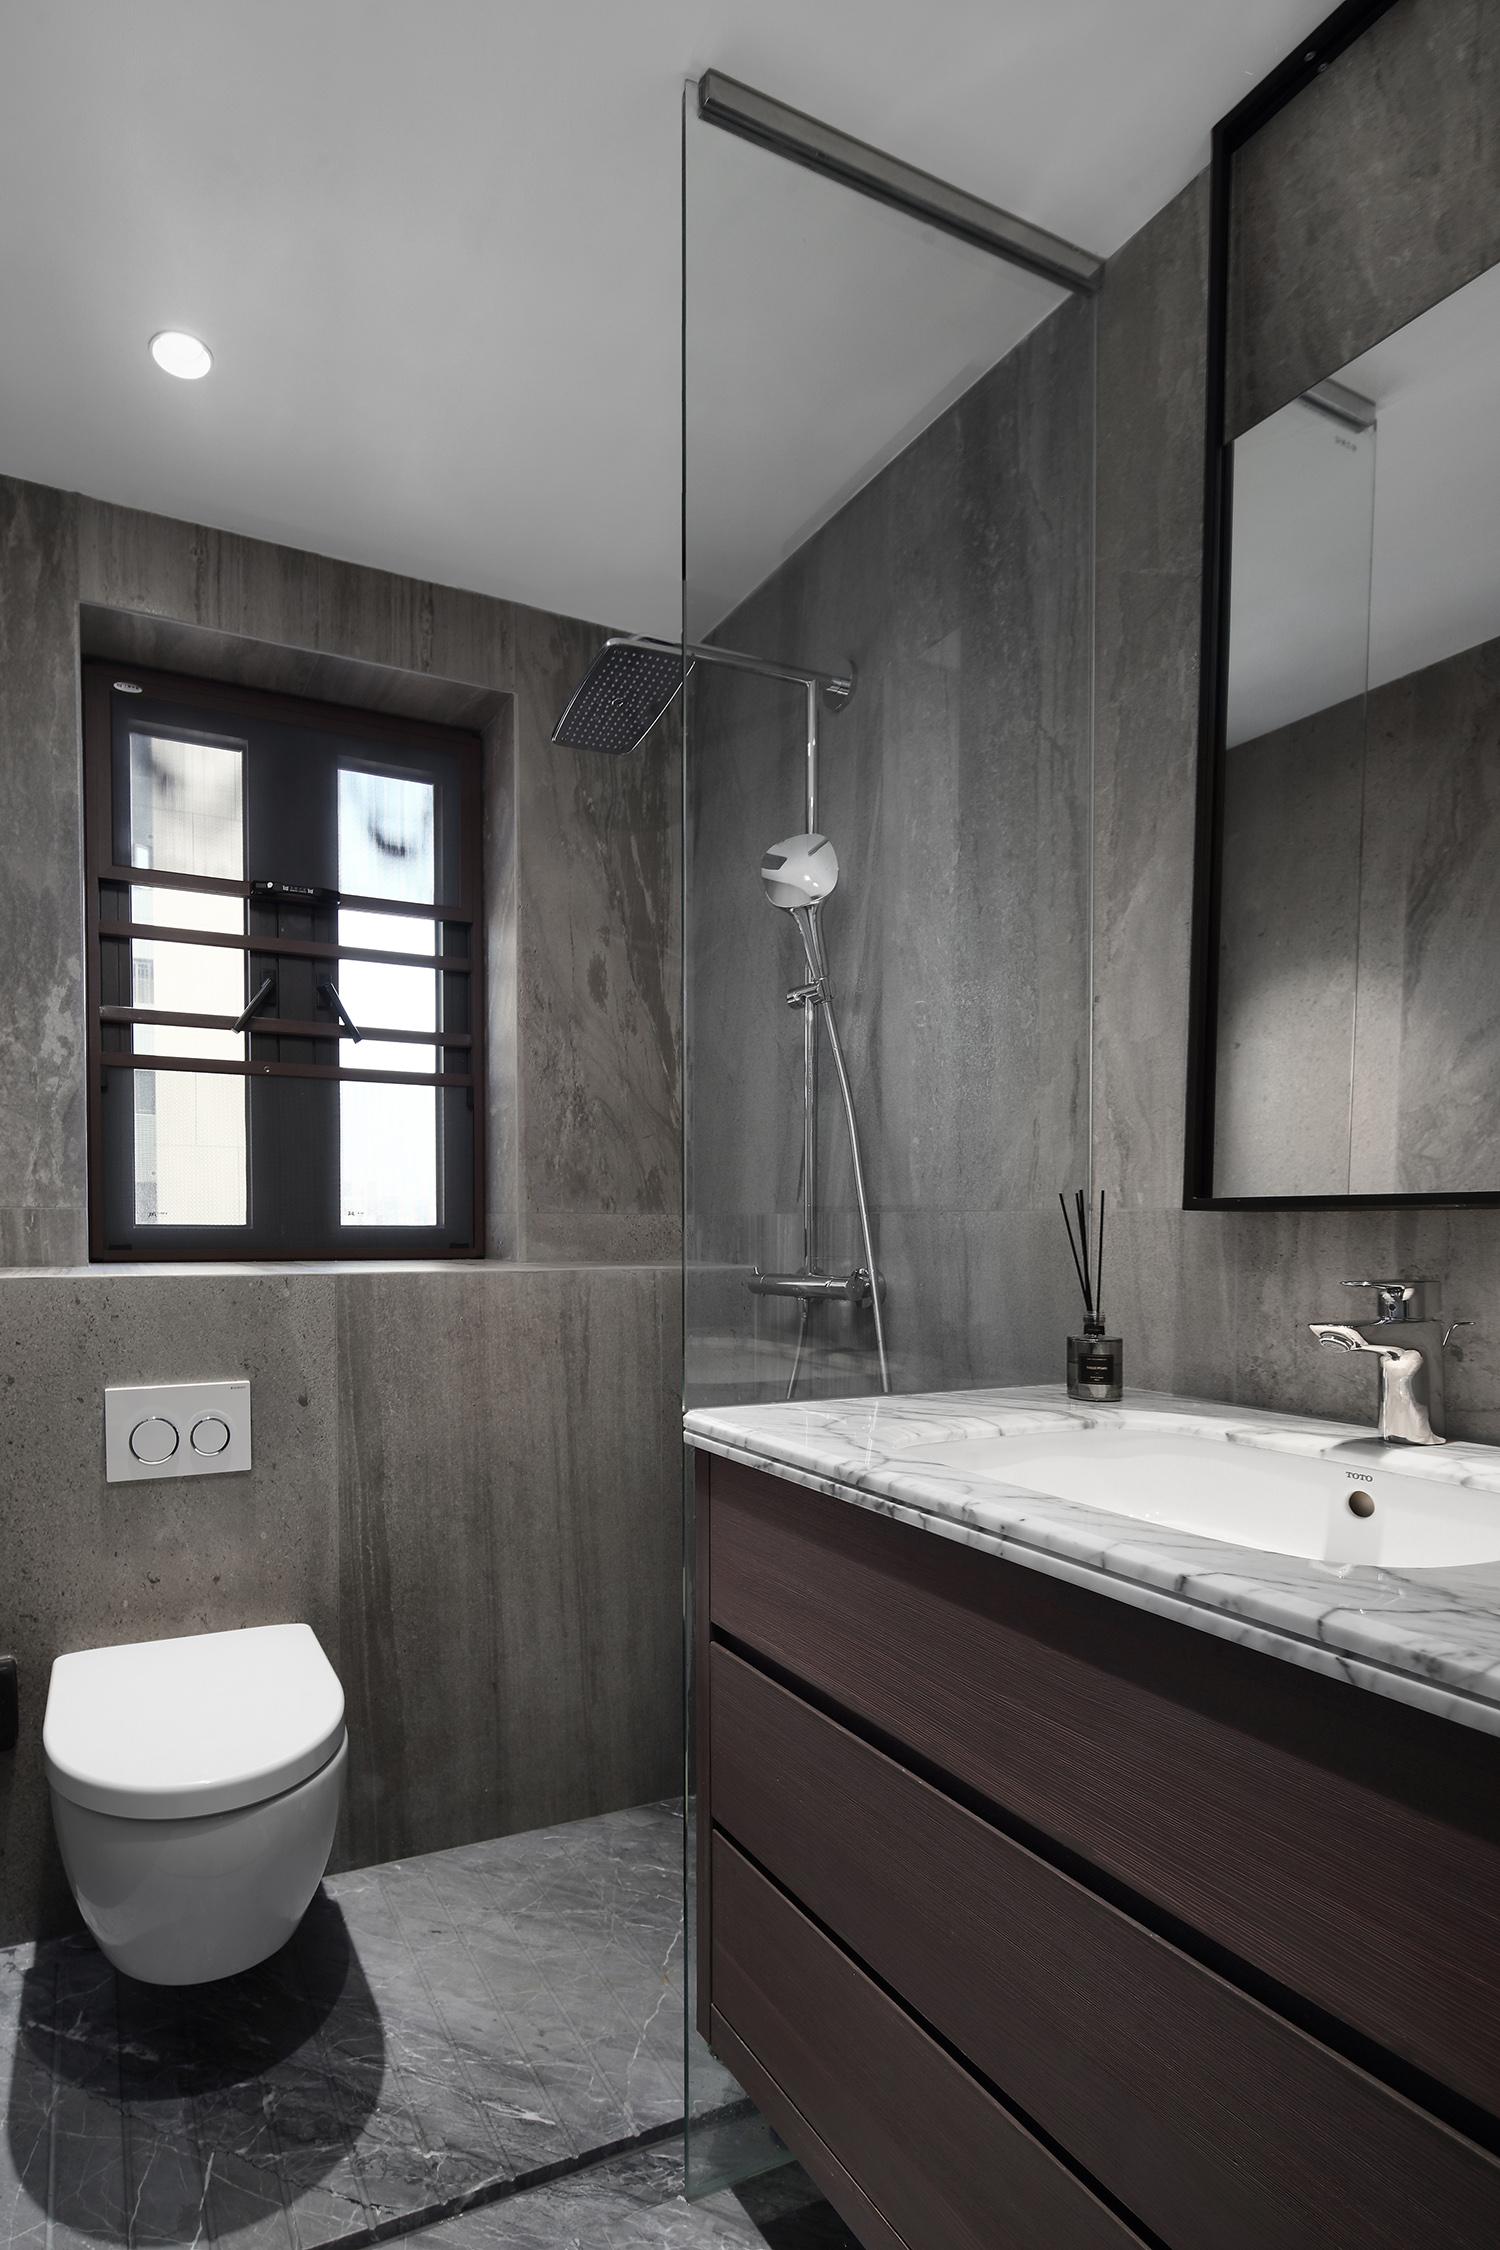 卫生间面積紧凑,使用了半隔断干湿分离设计,更方便主人日常打扫。